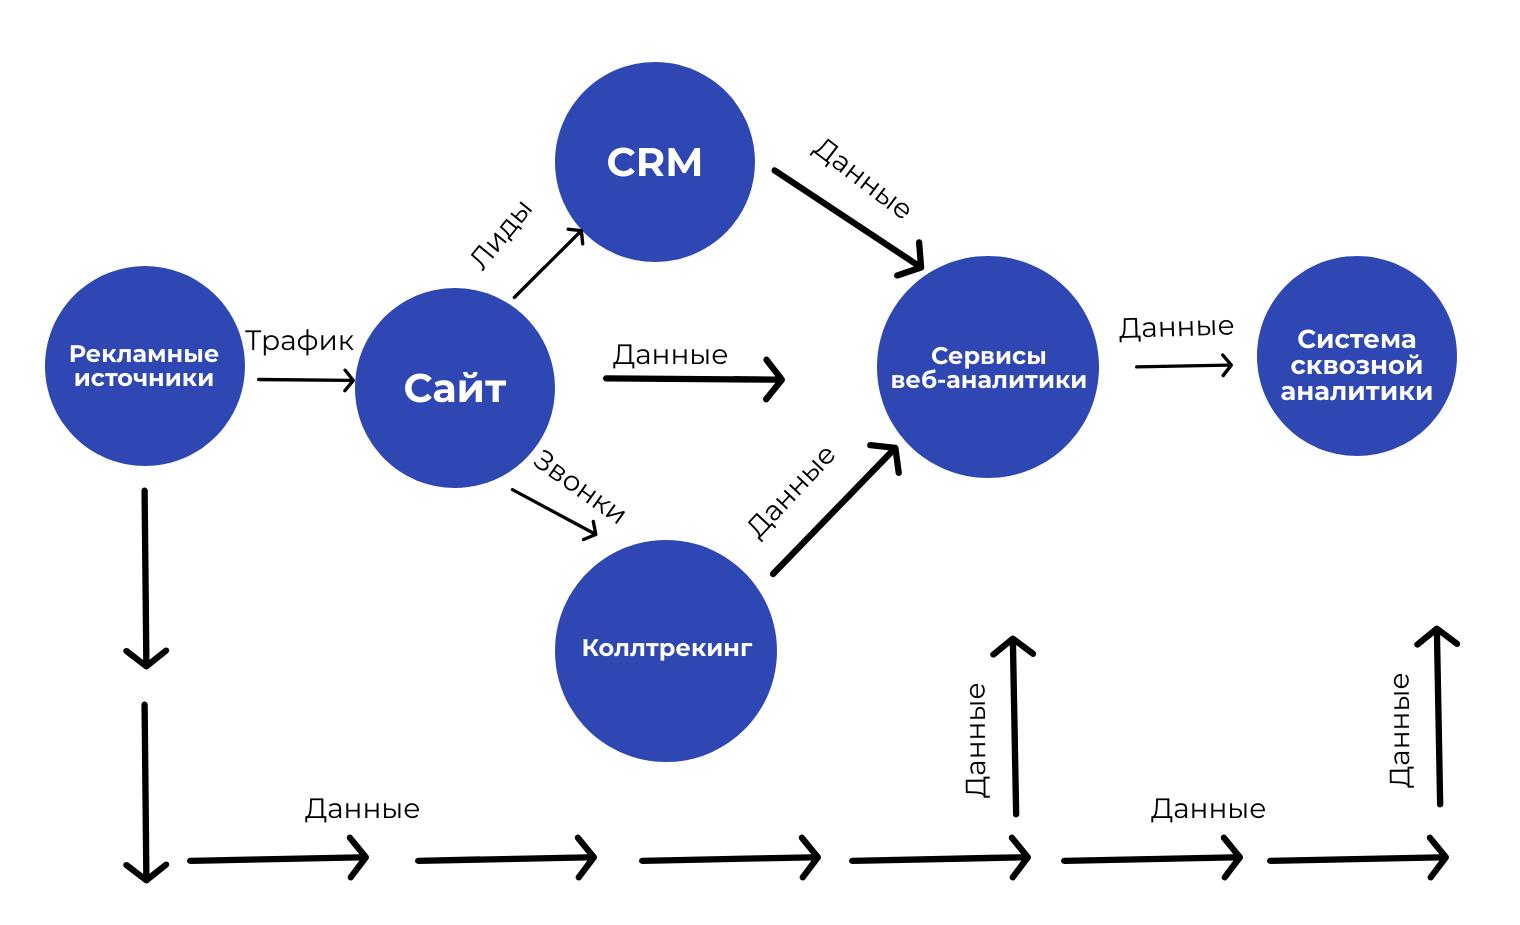 Общая схема сквозной аналитики в бизнесе